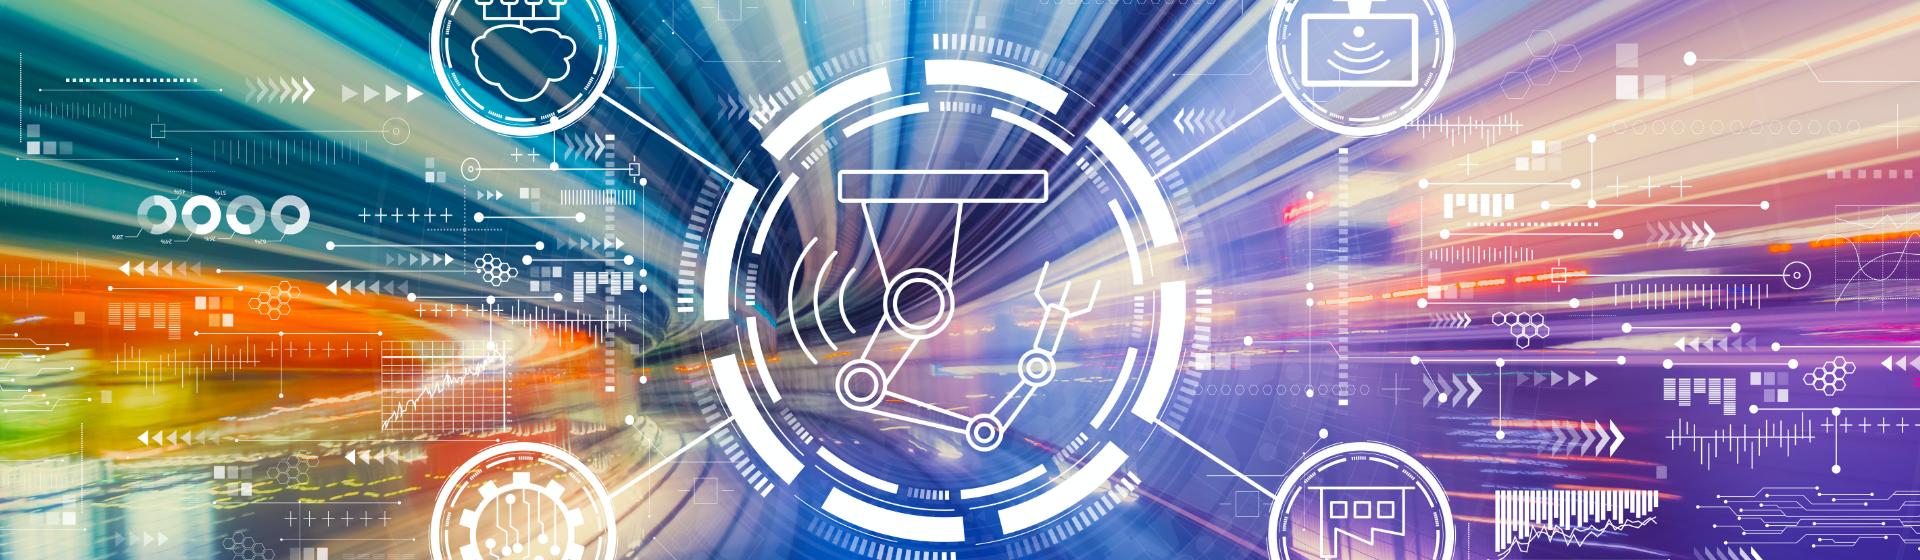 Azienda Distributori Automatici DPI | Innovazione Tecnologica